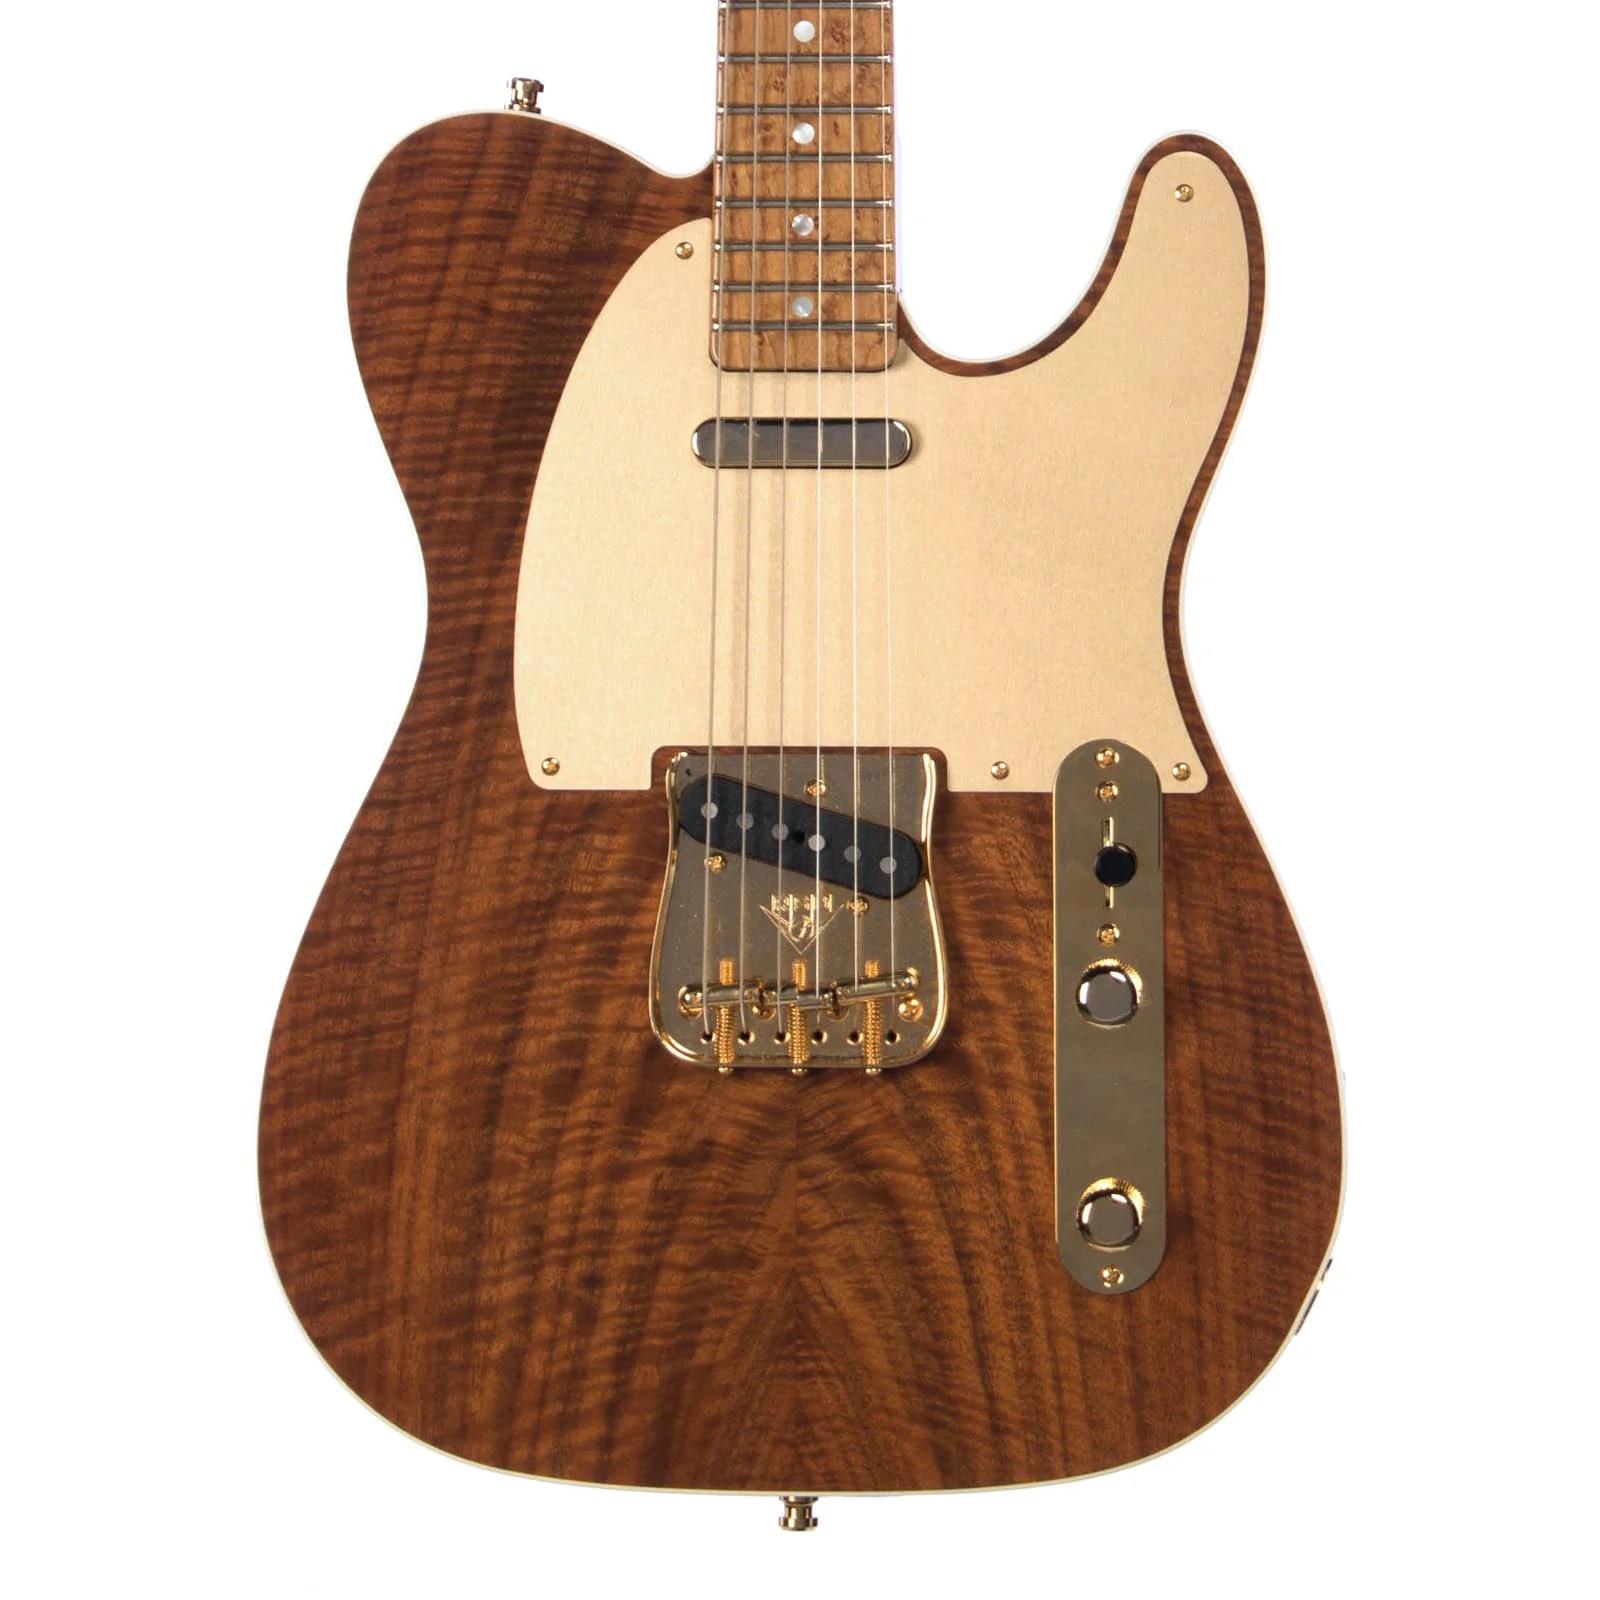 Fender Telecaster Walnut